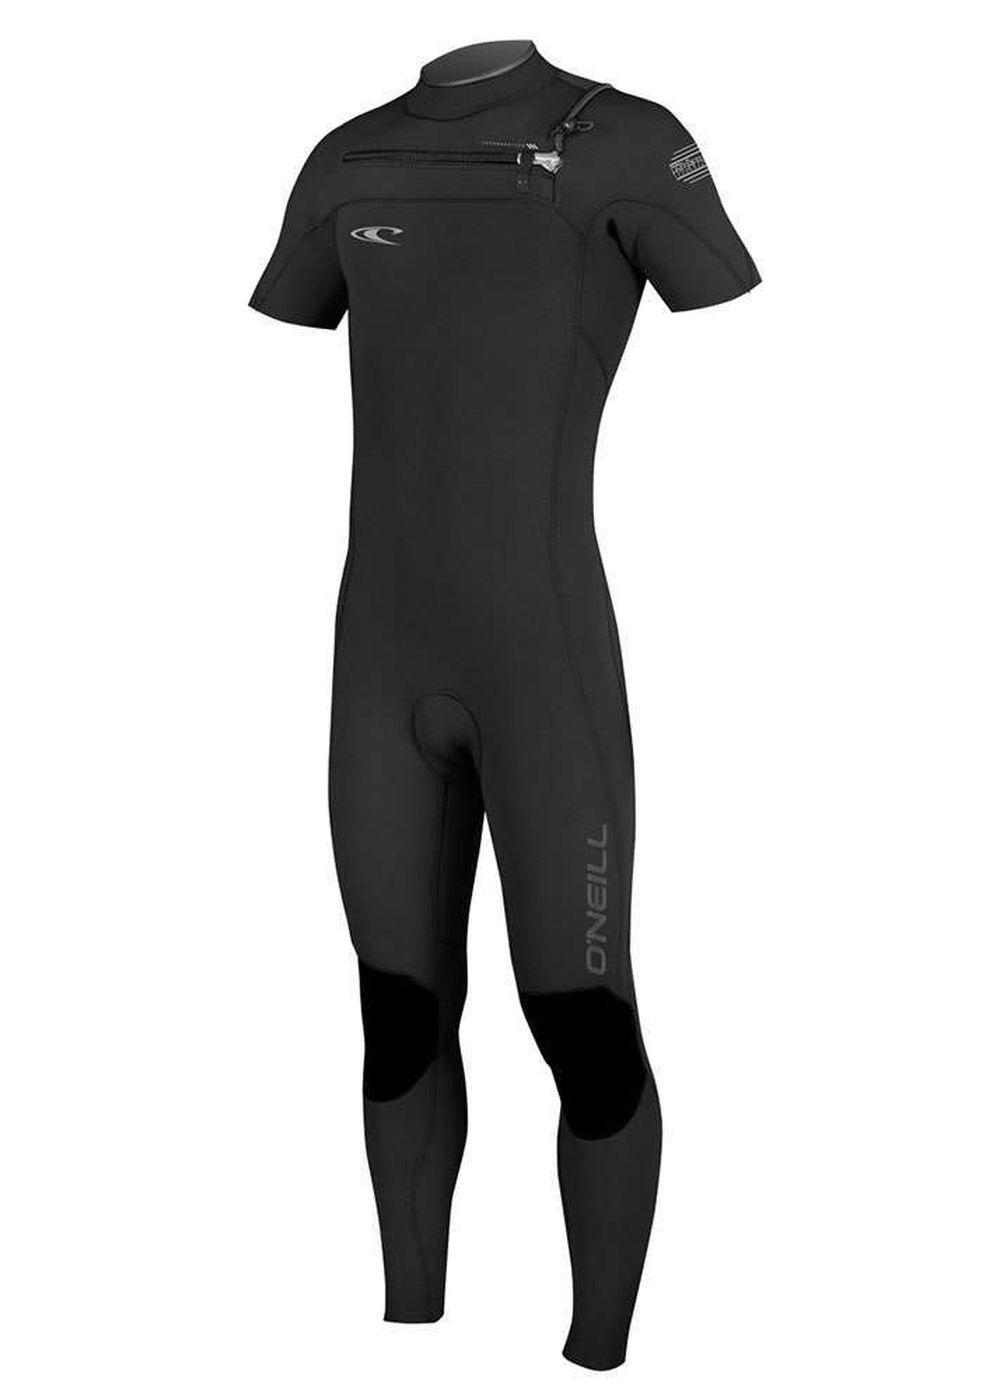 Oneill Hyperfreak Fz 2mm Short Sleeve Wetsuit Blk Picture